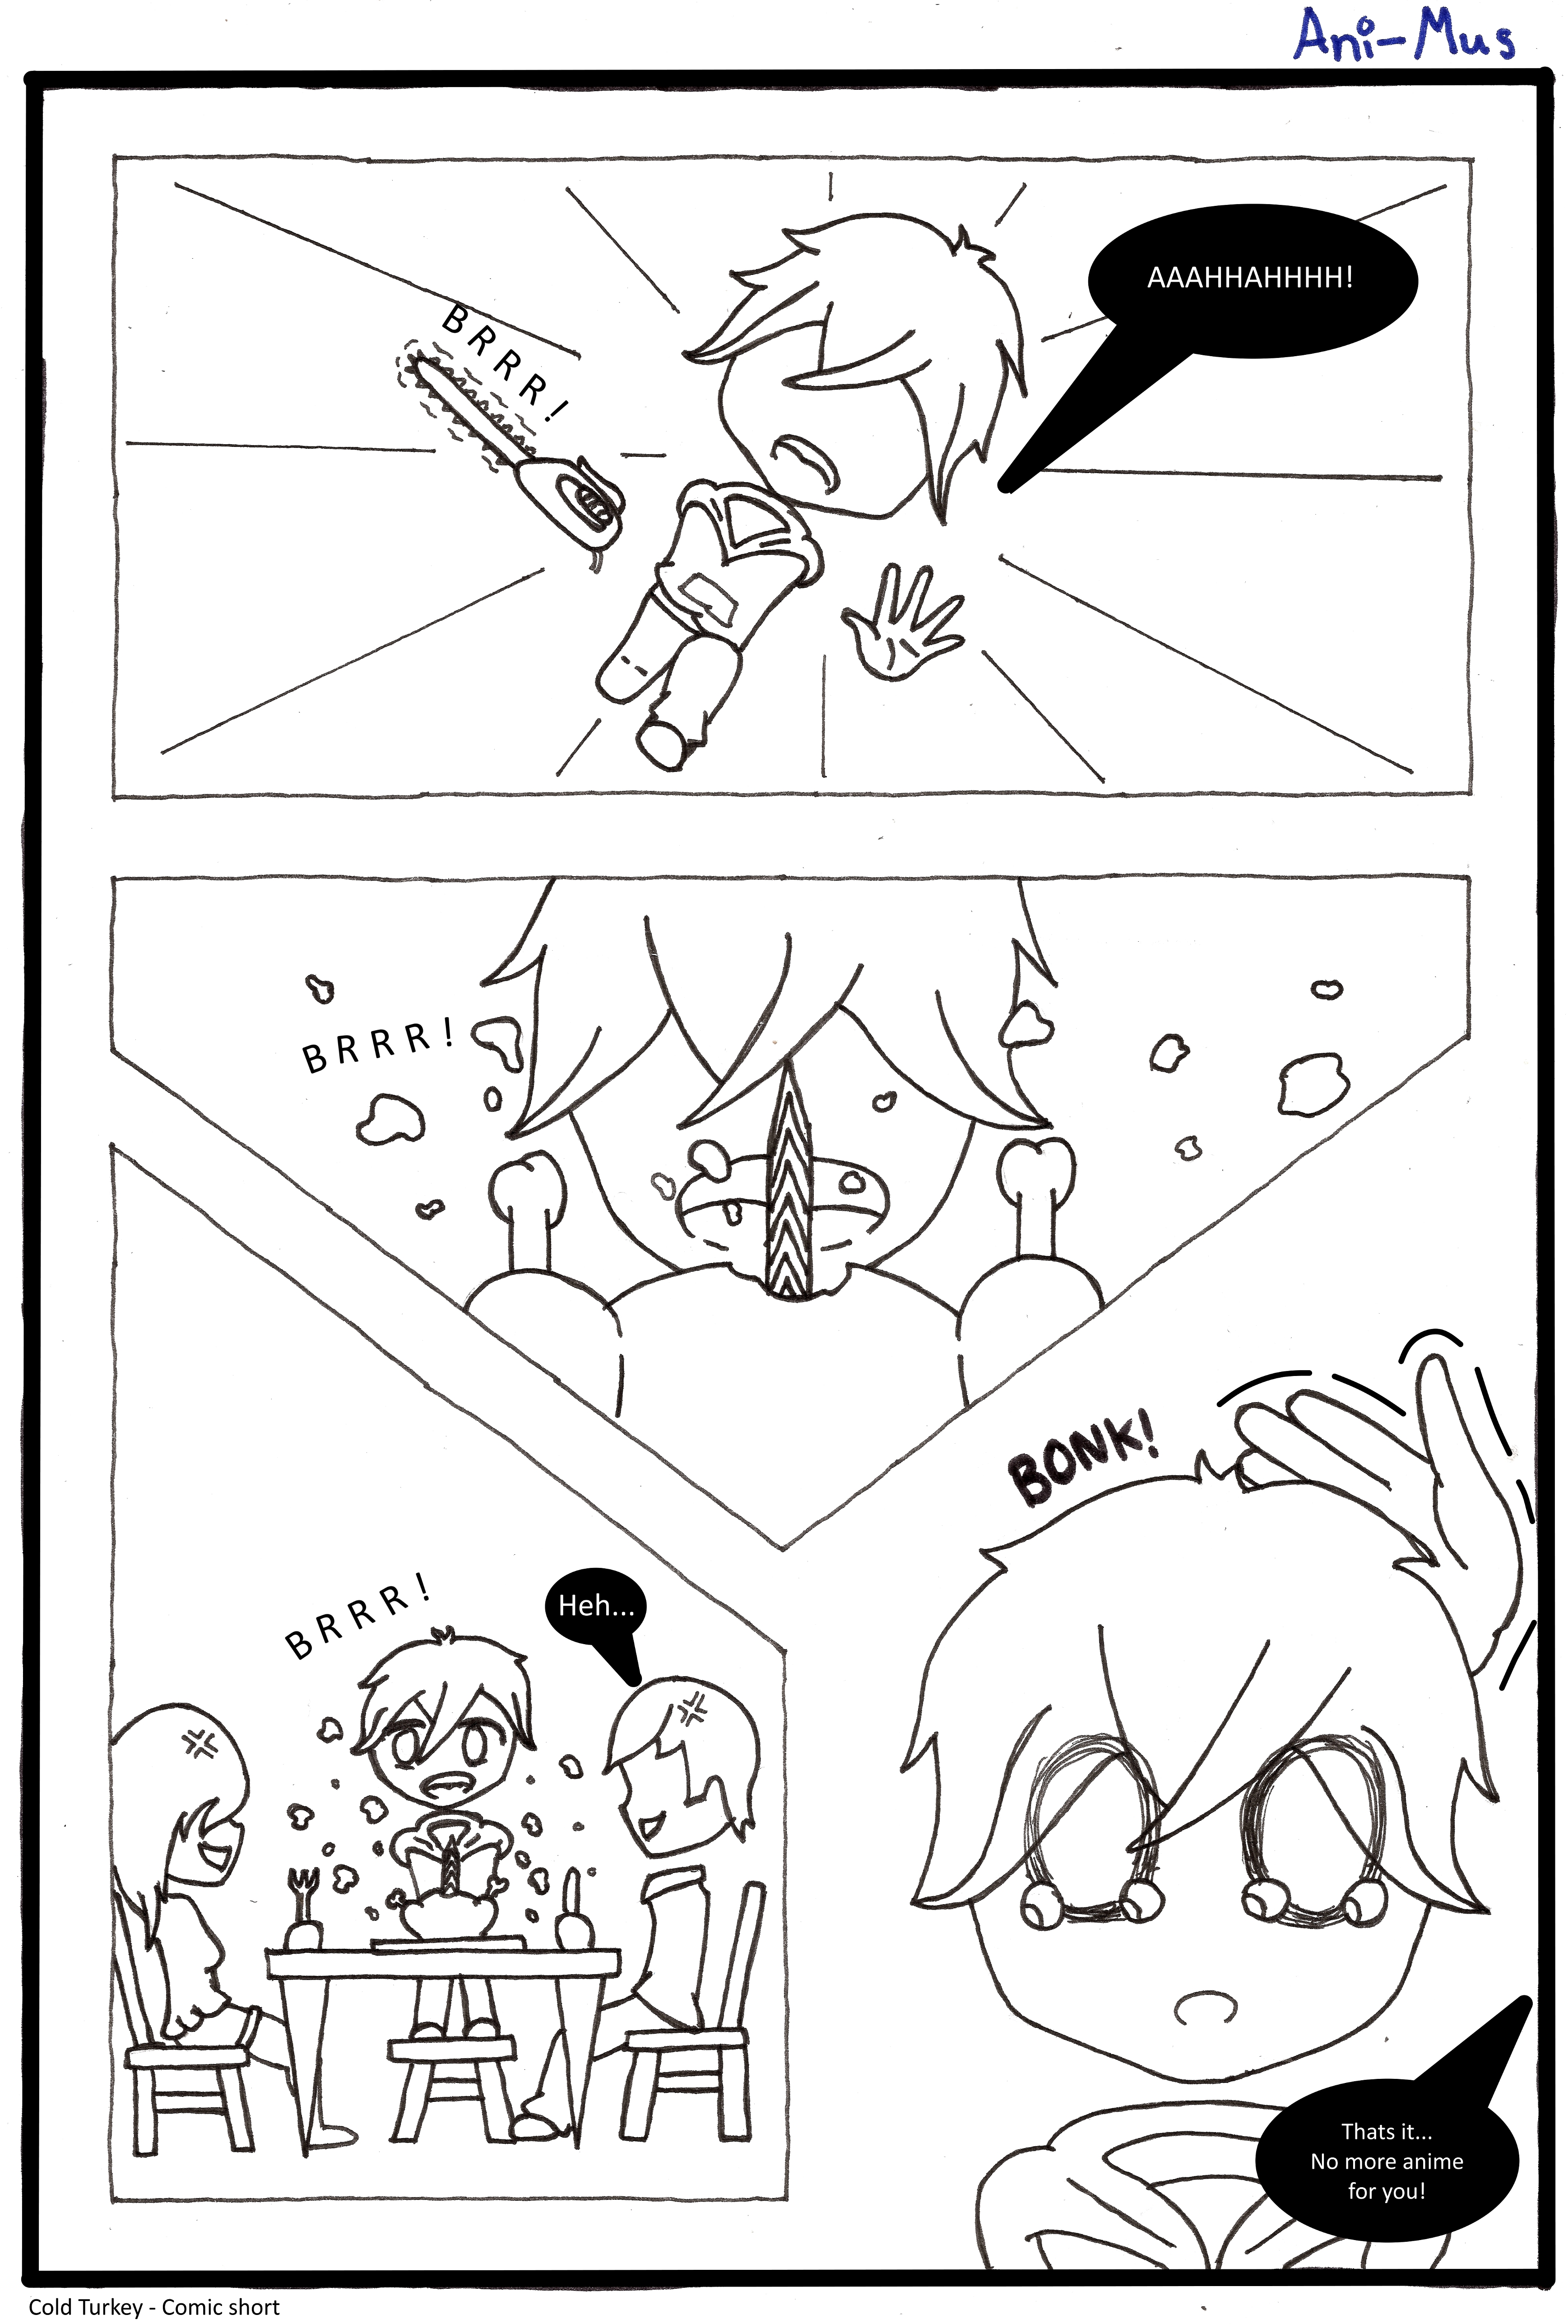 Never enough Anime